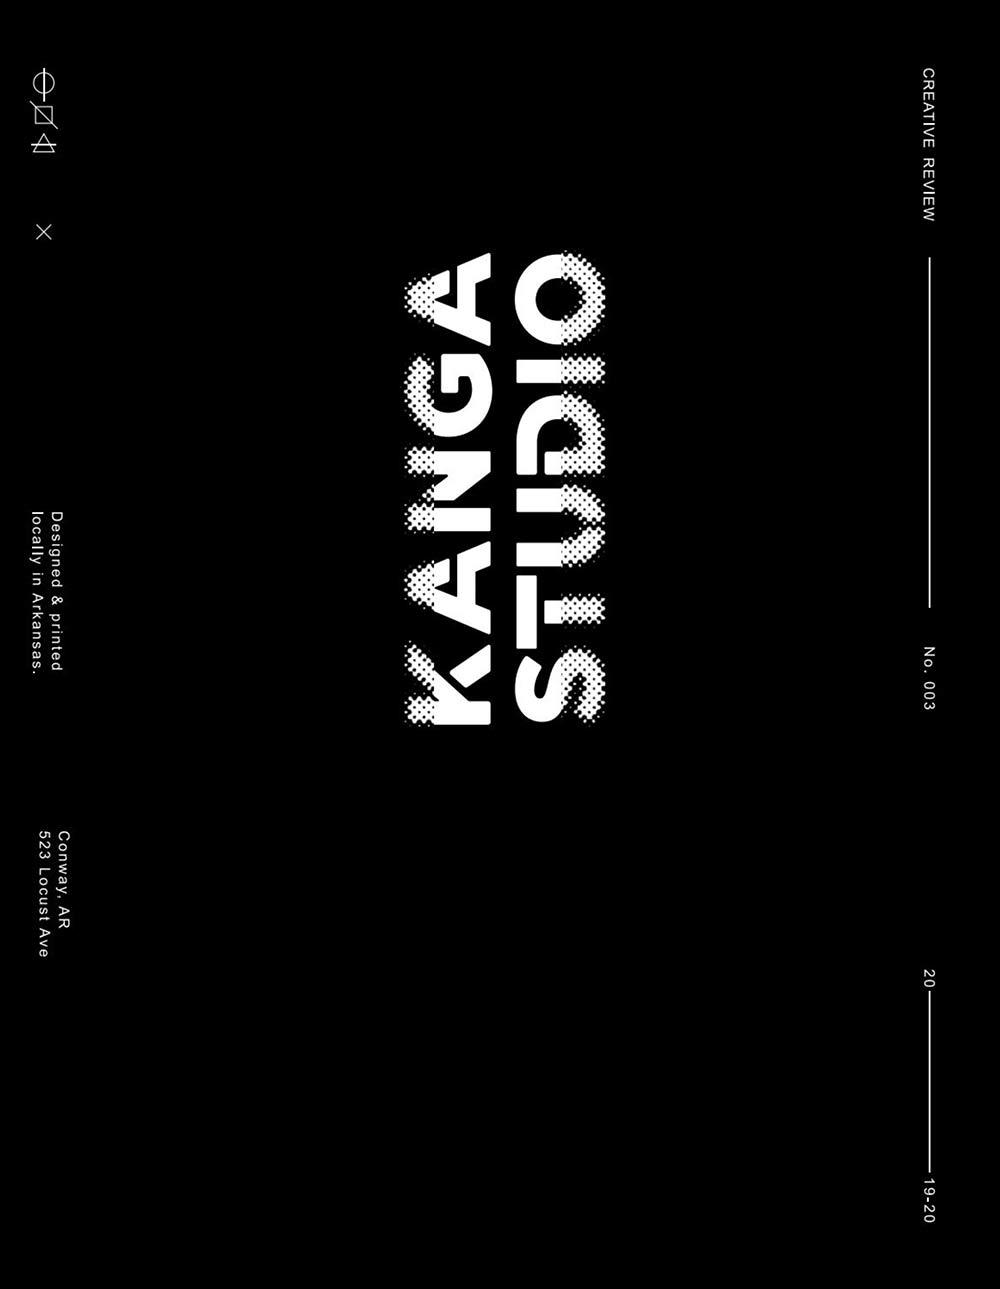 Kanga Studio Creative Review 2019-2020